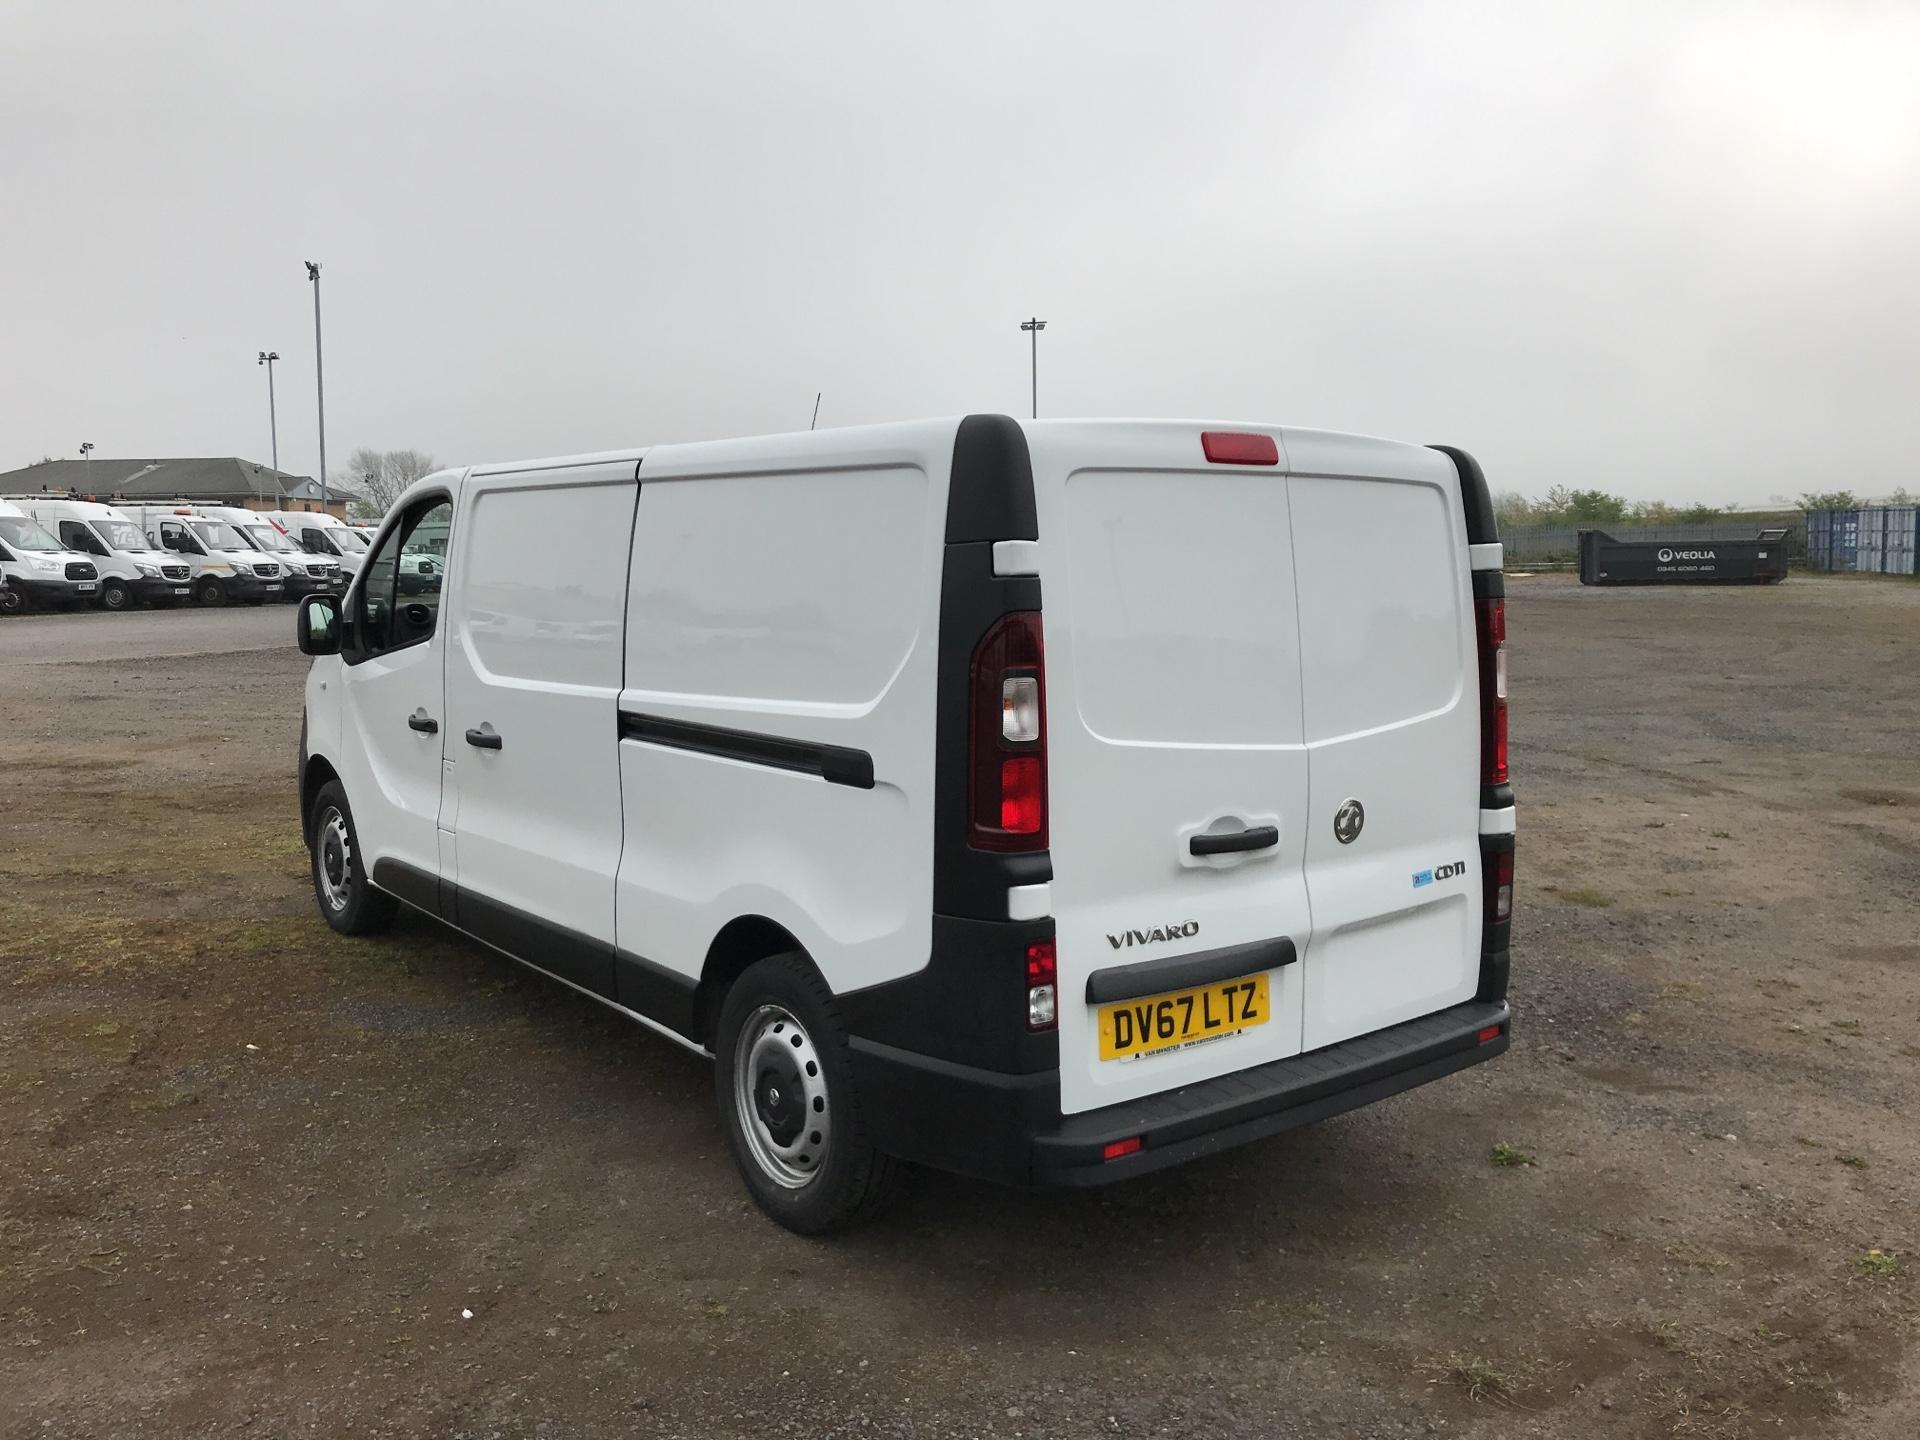 2017 Vauxhall Vivaro L2 H1 2900 1.6CDTI 120PS EURO 6 (DV67LTZ) Image 6